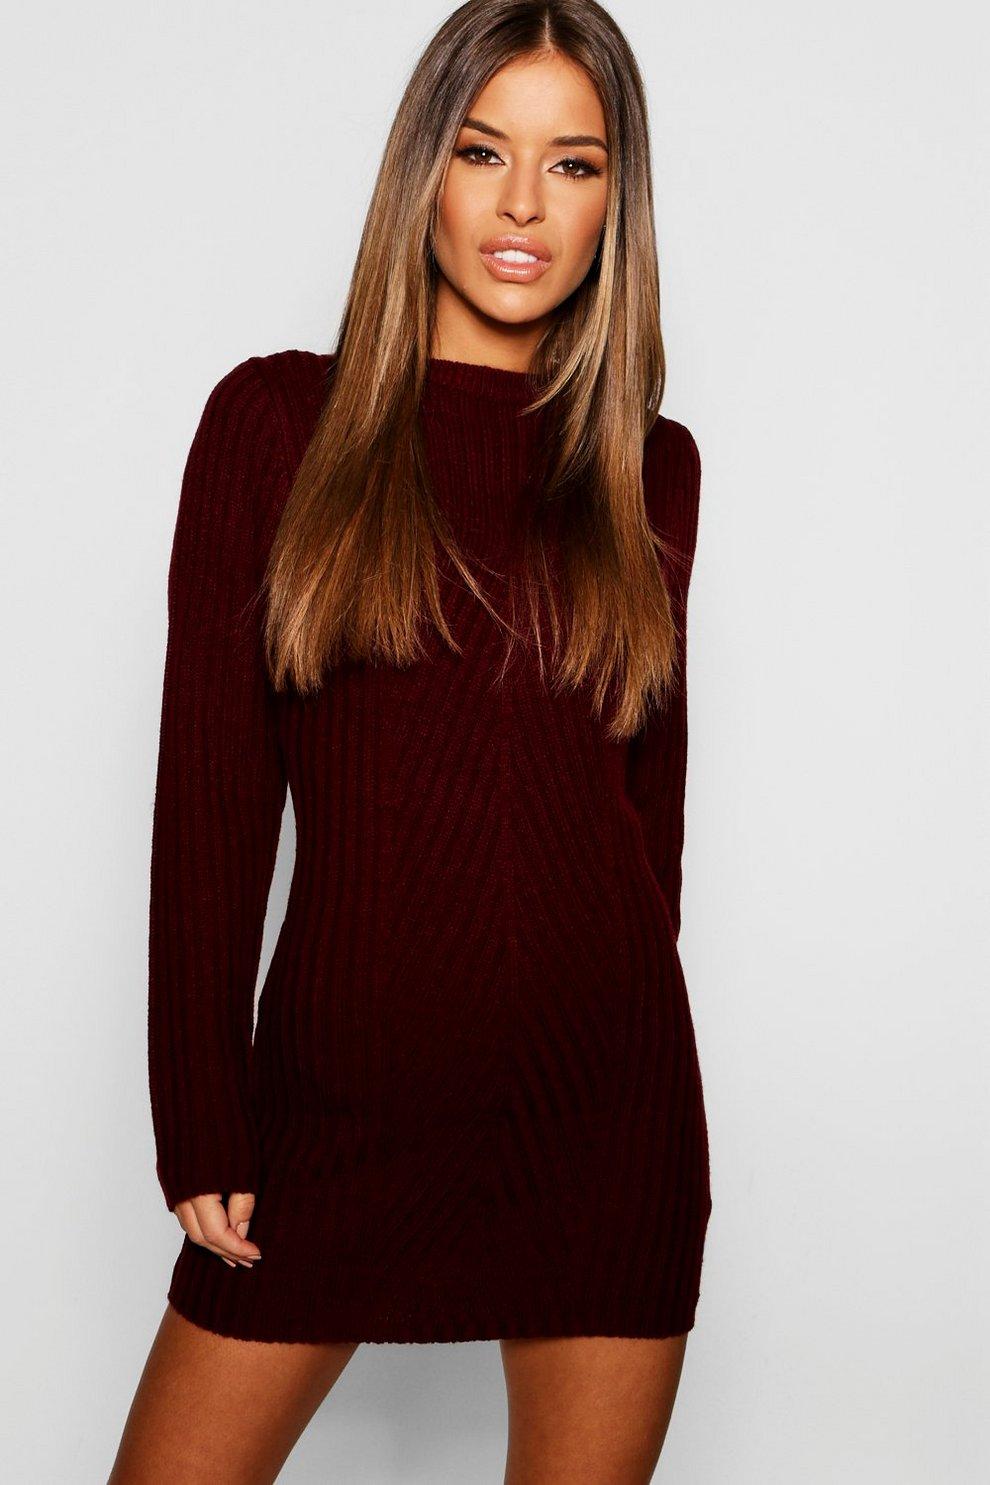 d5850f9f4f5 Petite Ribbed Knitted Jumper Dress